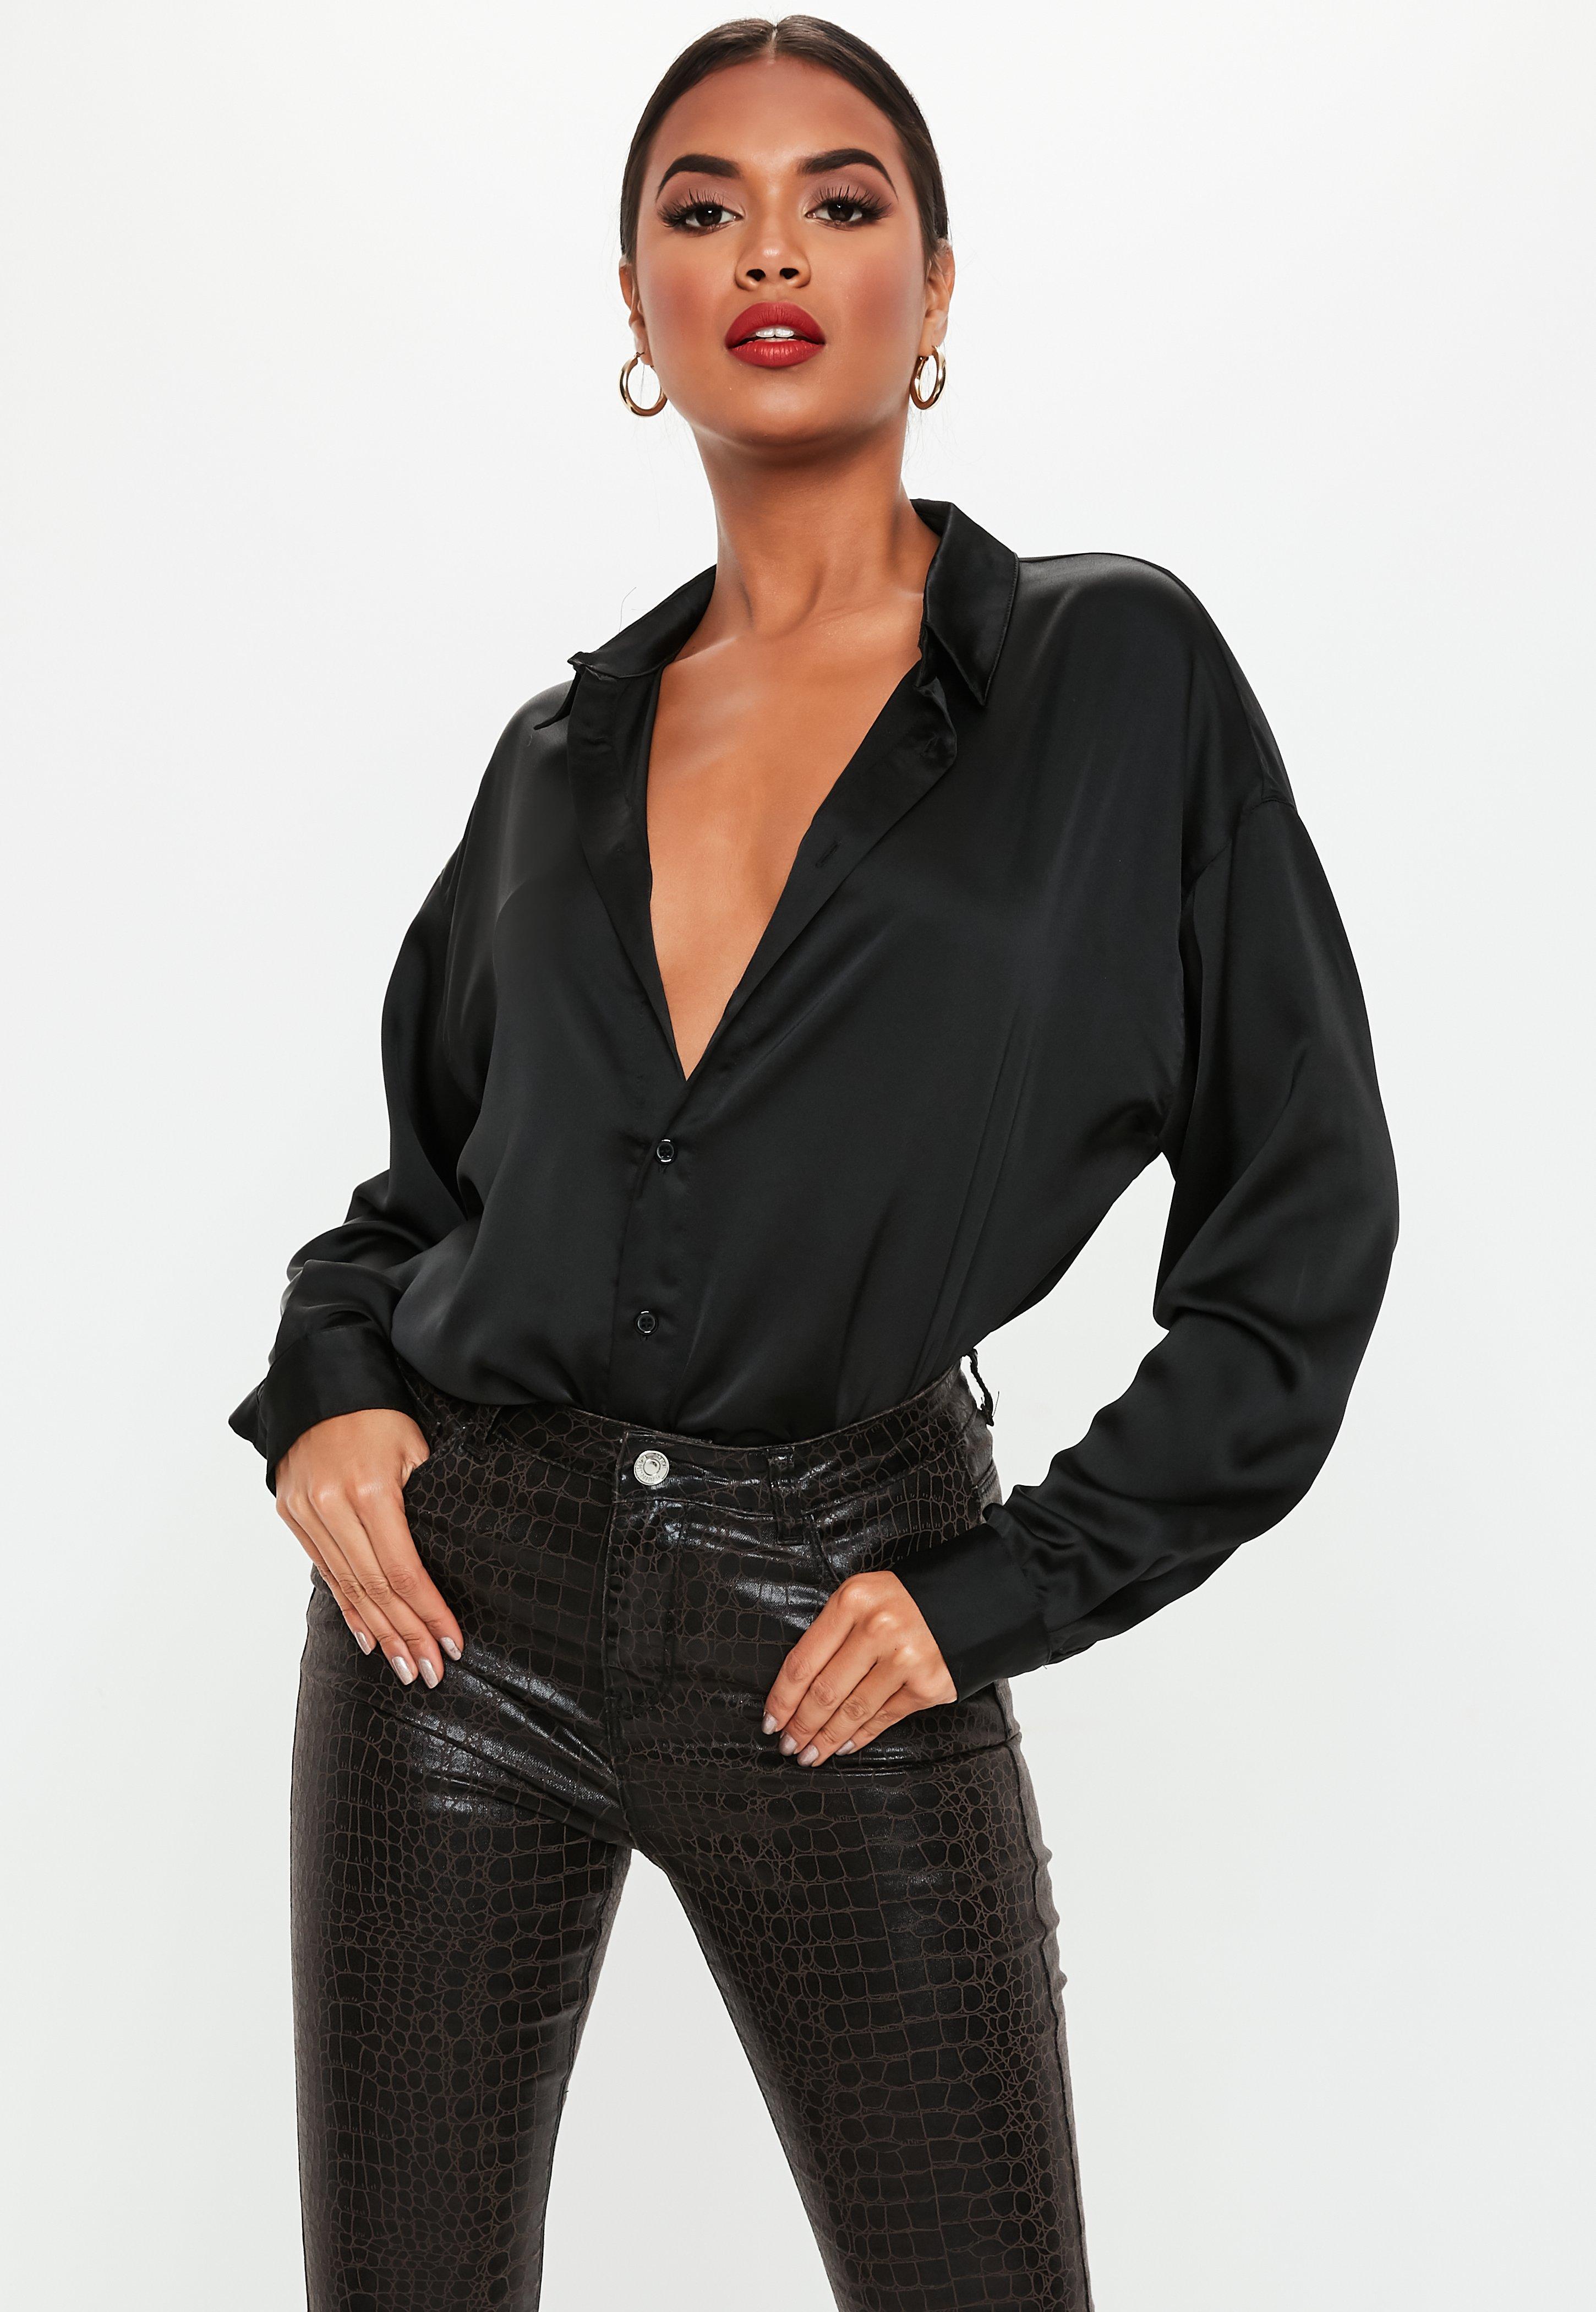 bf70e160 Black Satin Longline Extreme Oversized Shirt